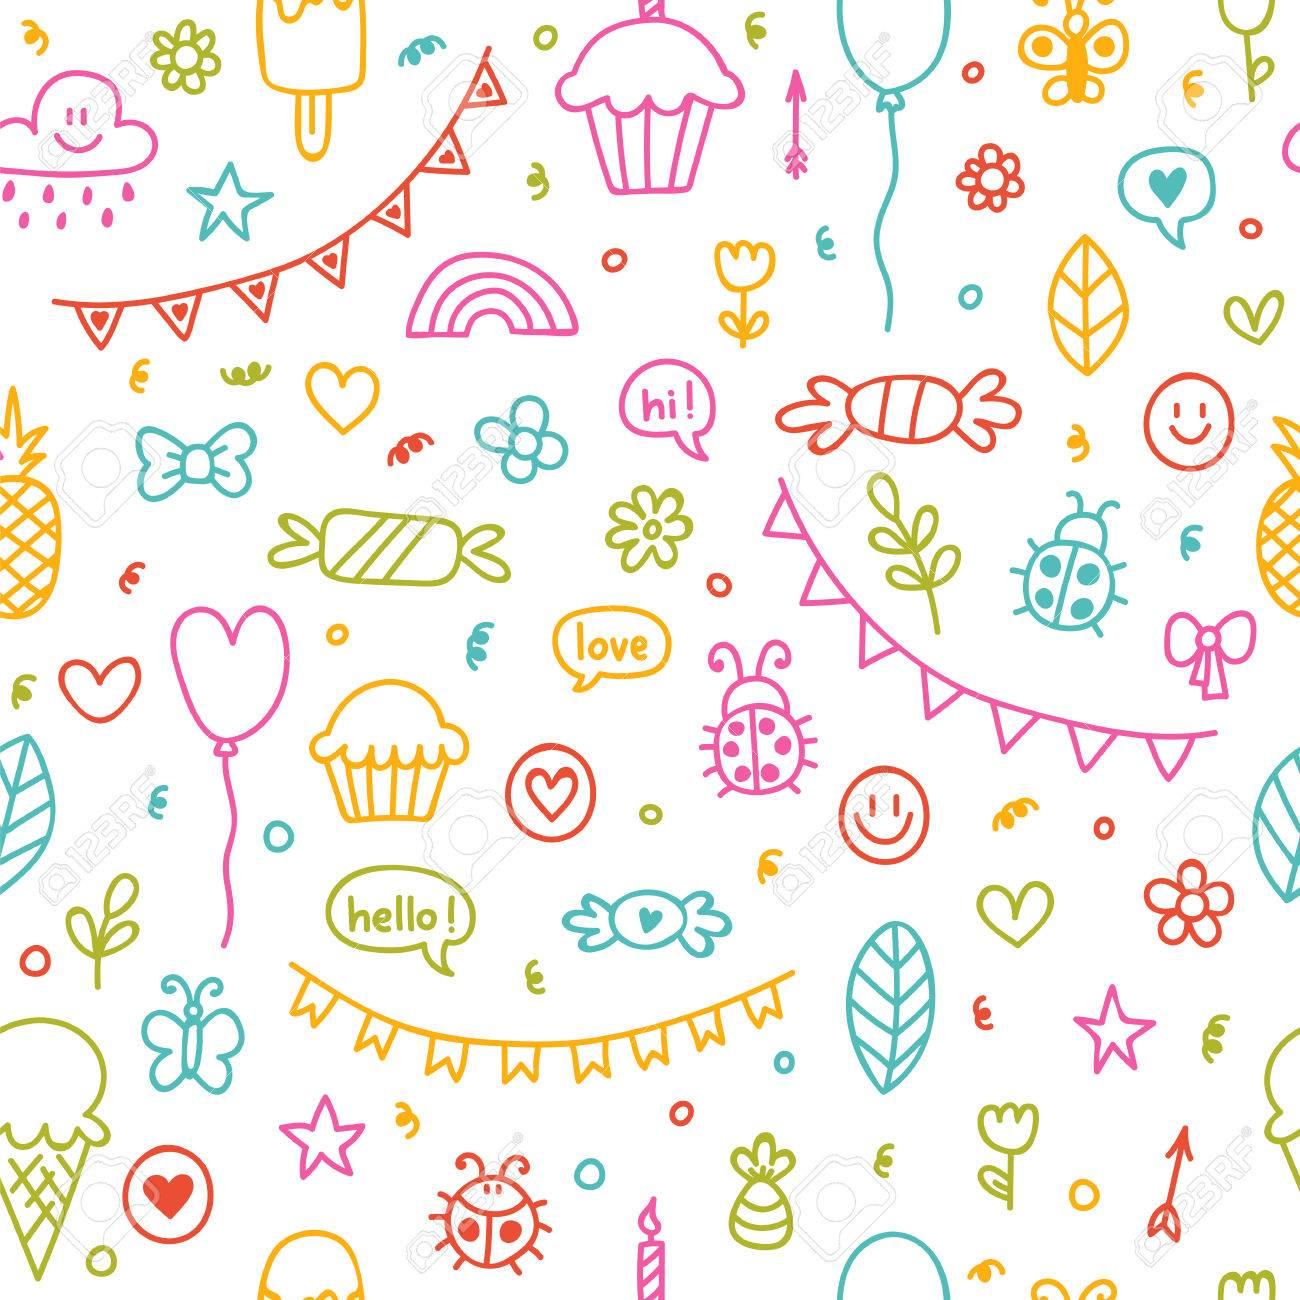 Fondo Para Los Muchachos Y Las Muchachas Lindos. Dibujos Dibujados A ...